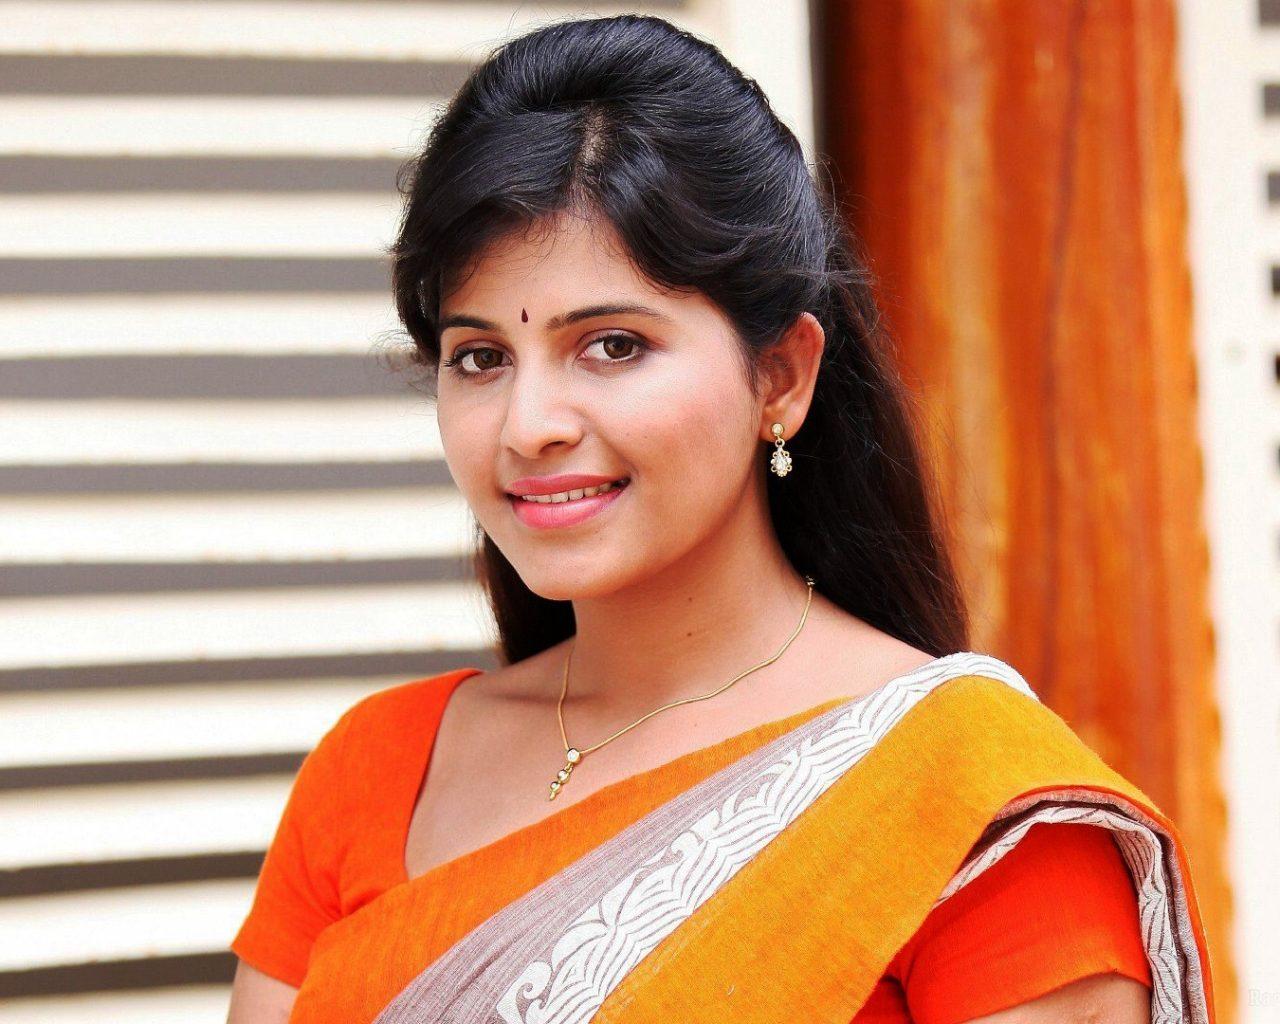 Actor Anjali Photos: Anjali Tamil Actress Wallpaper